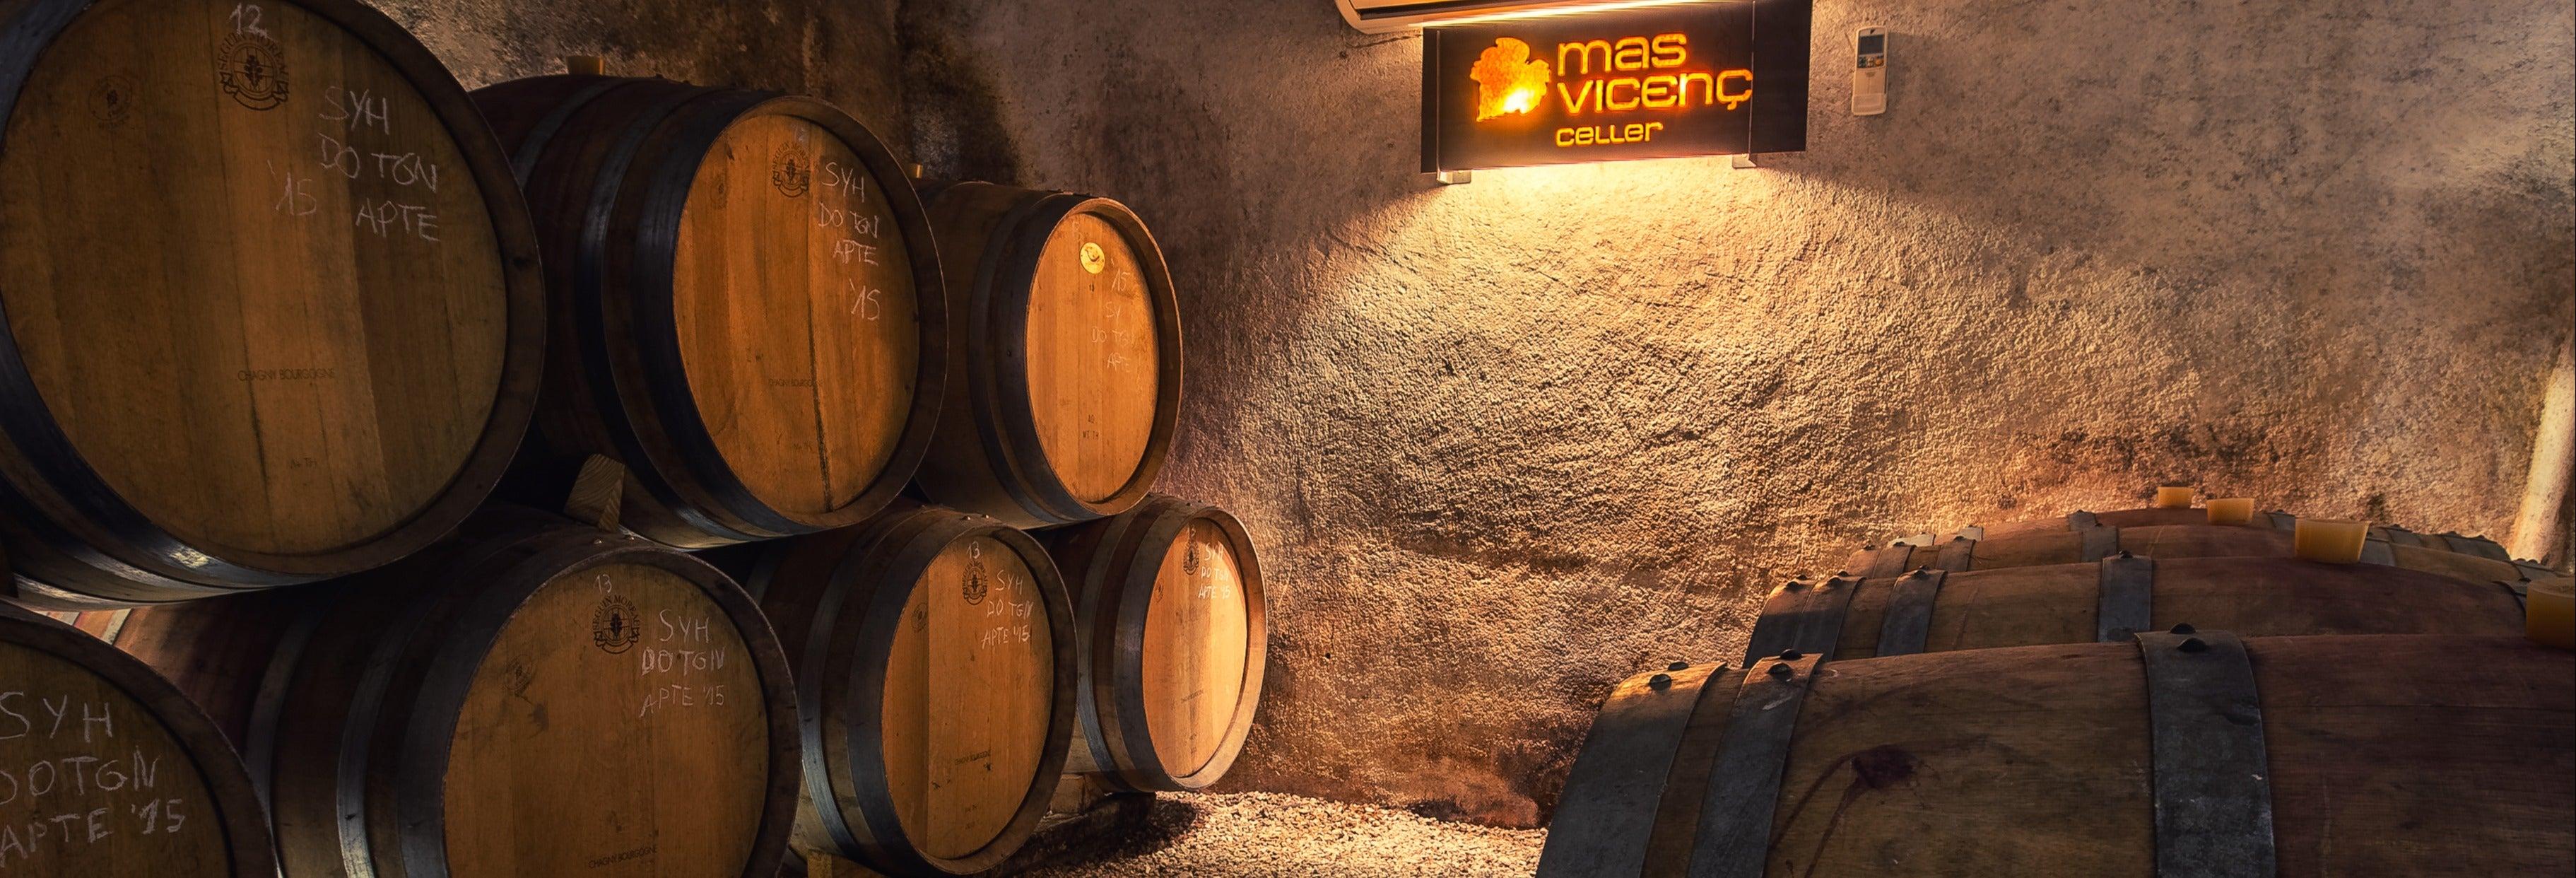 Visite du domaine viticole de Mas Vicenç